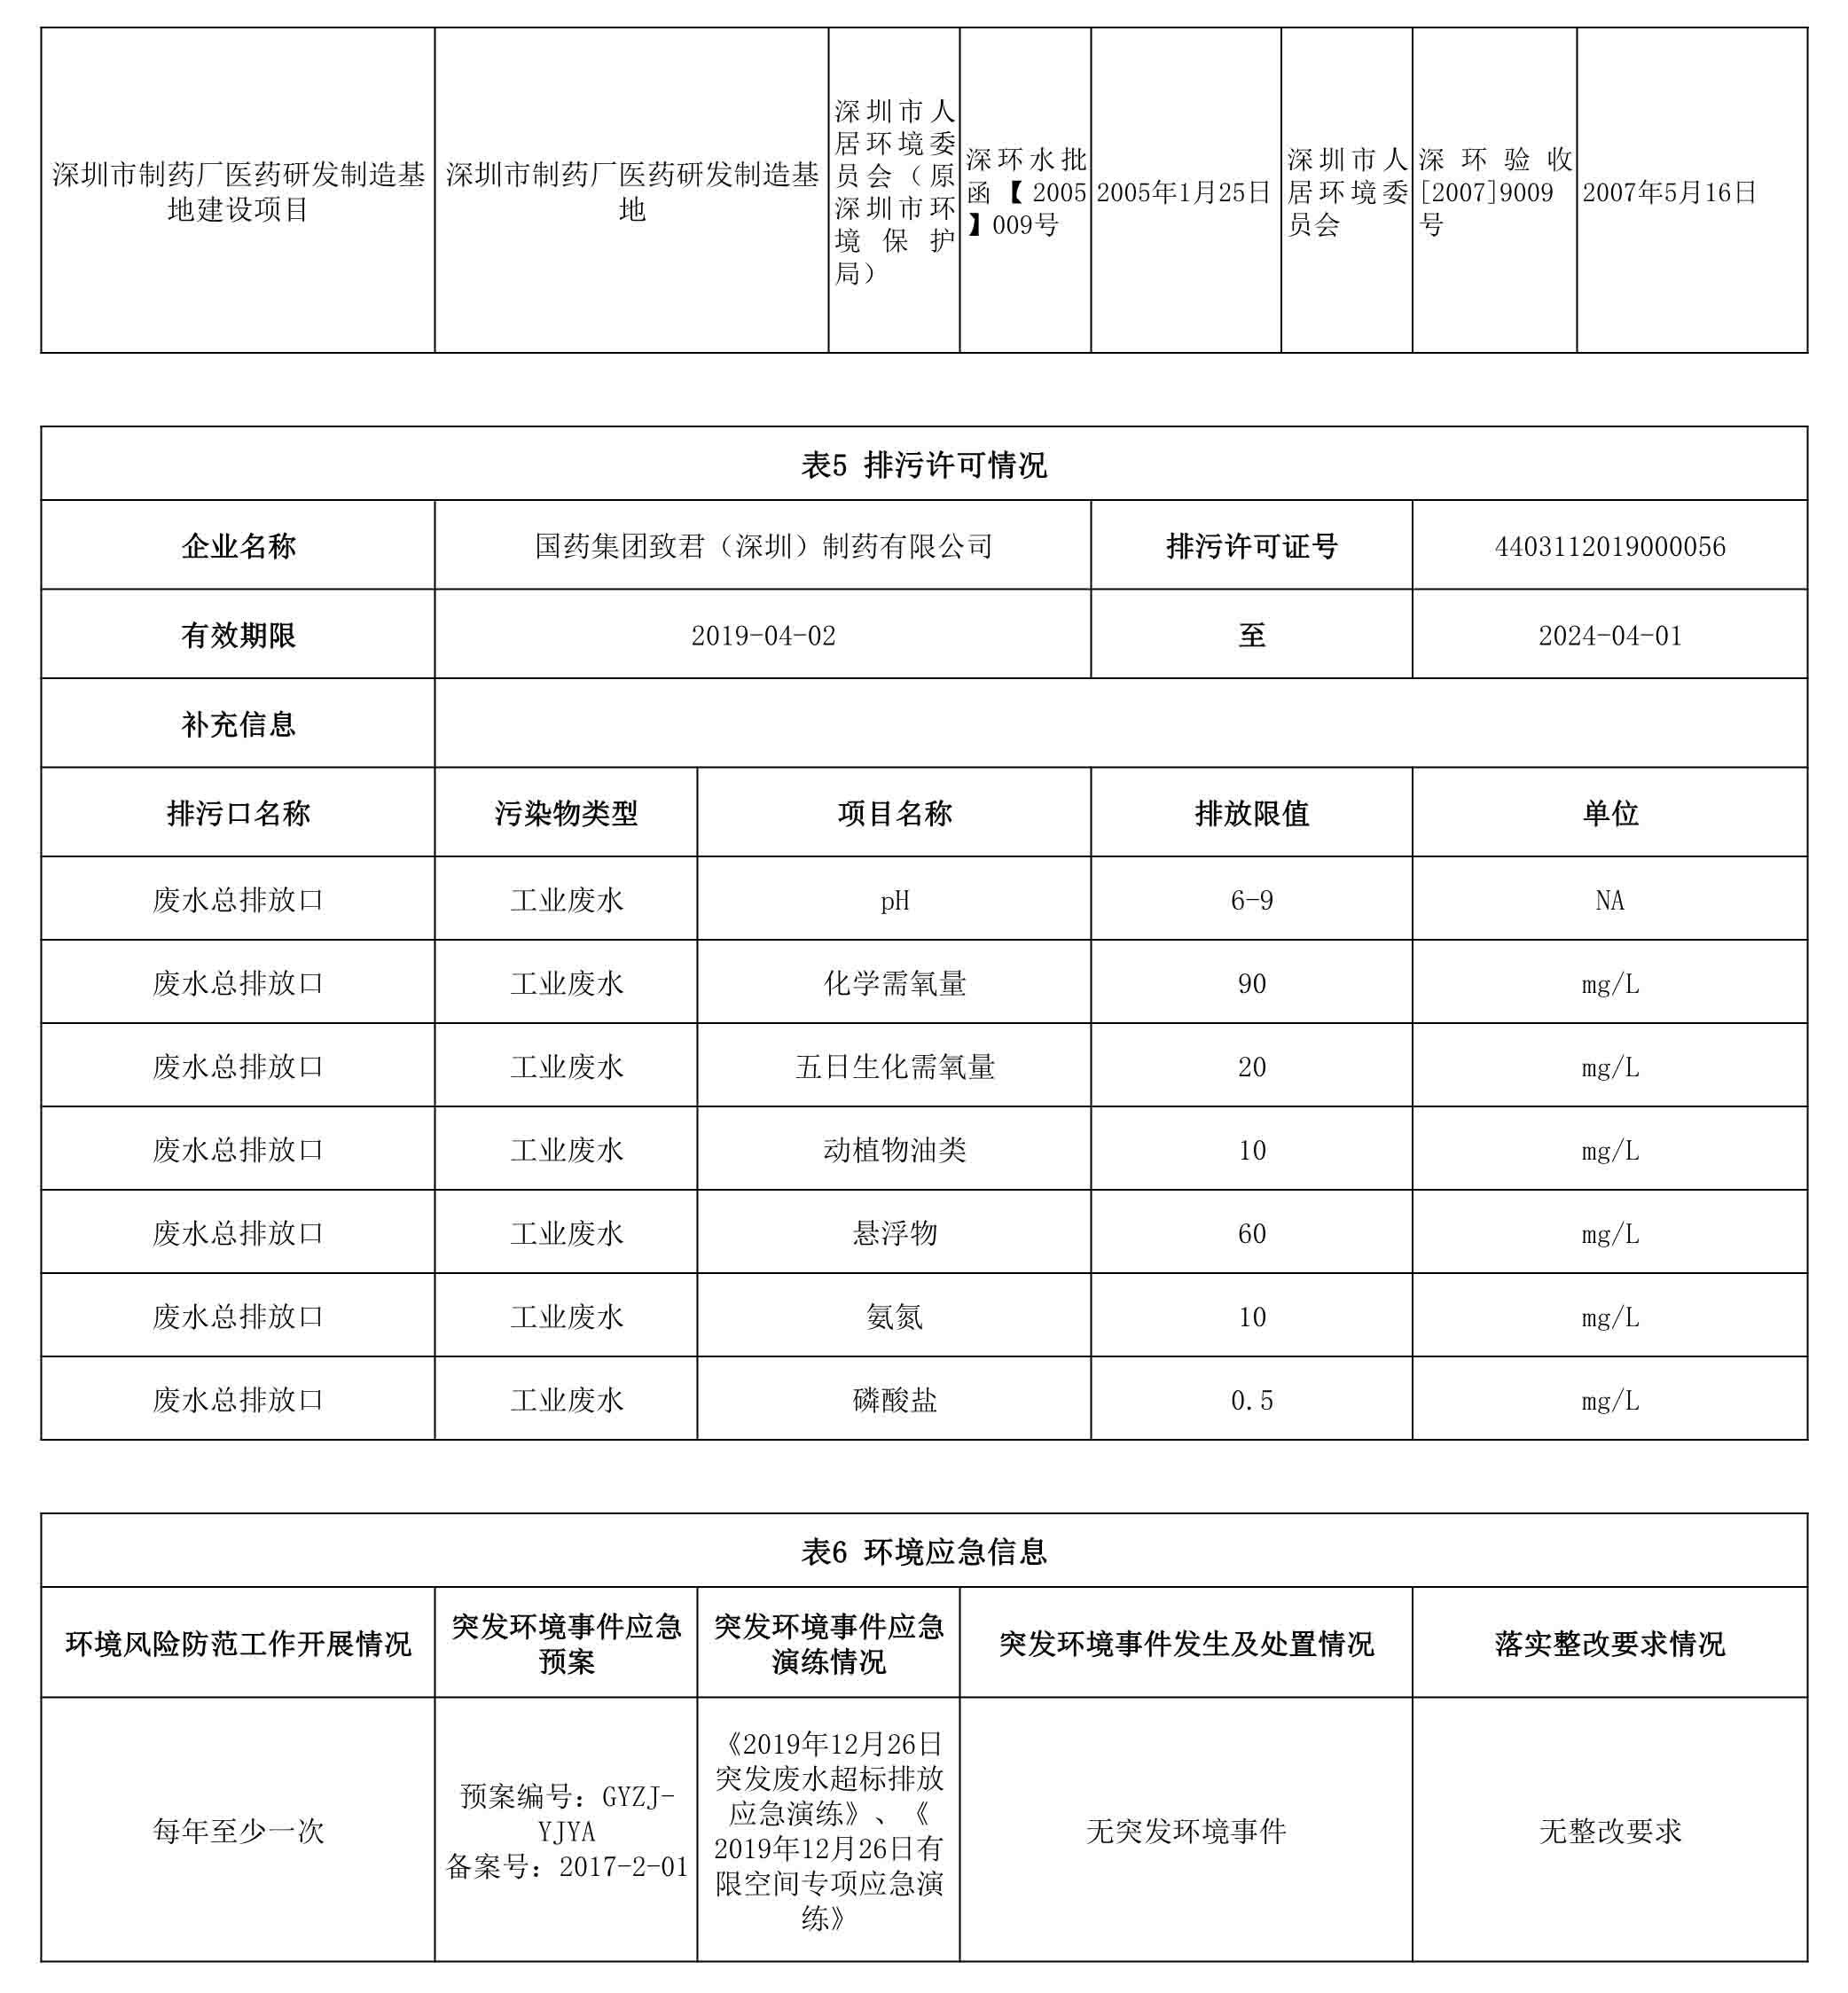 050616265349_0深圳市重点排污单位环境信息公开_3.jpg